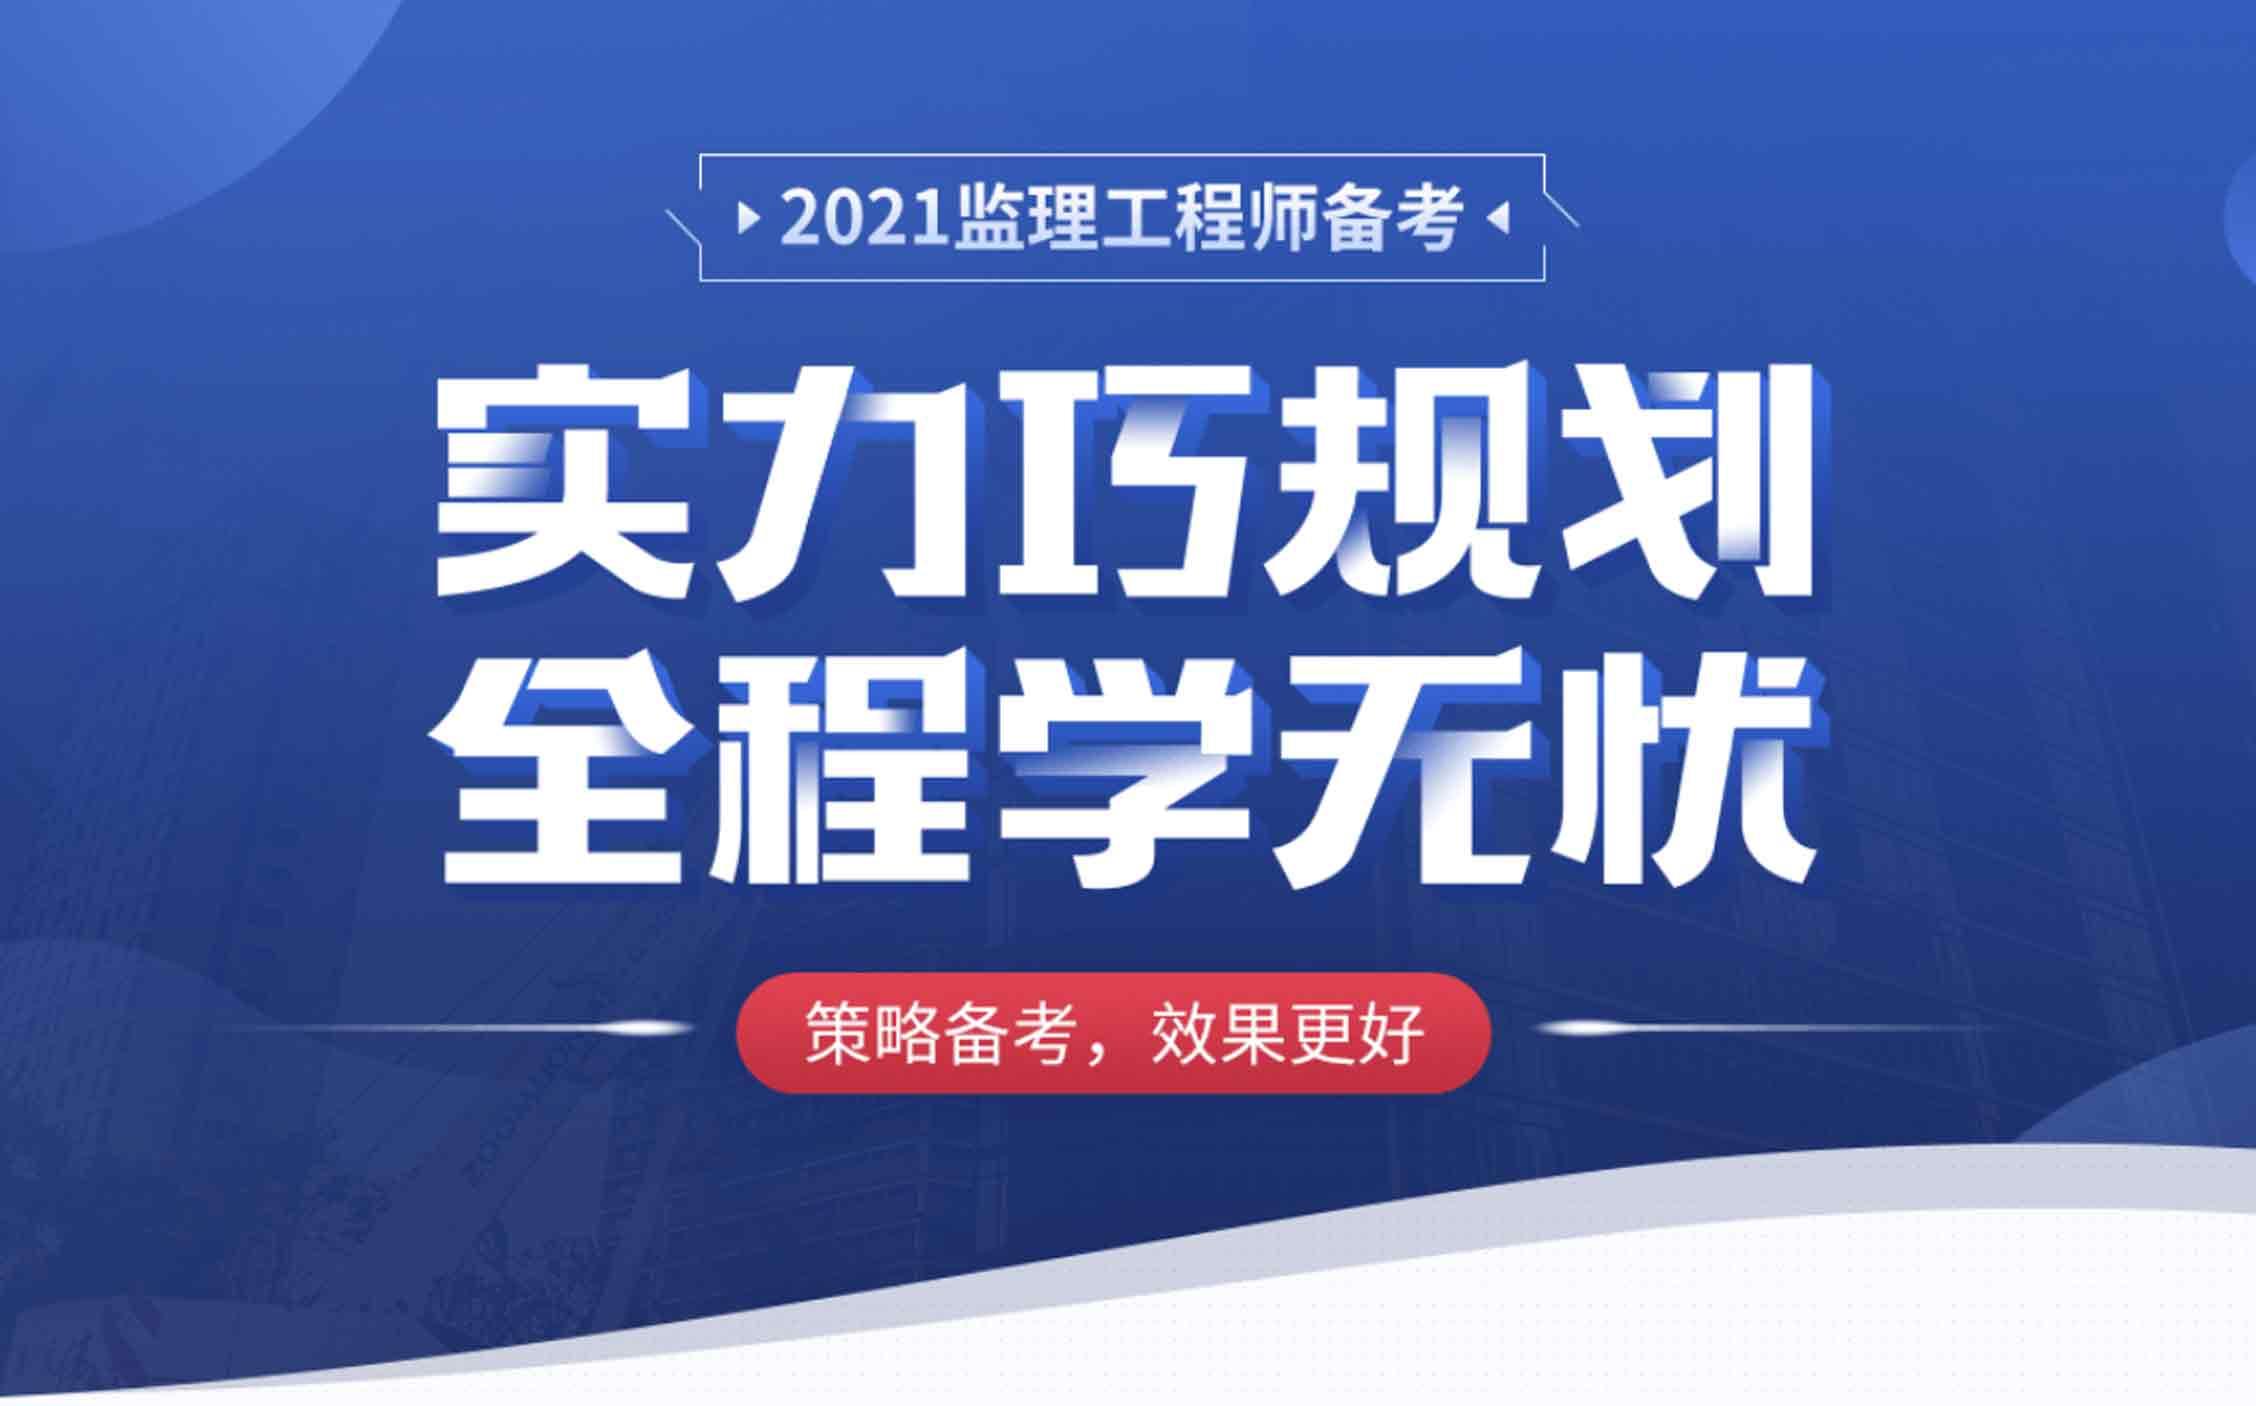 江陰2021監理工程師培訓